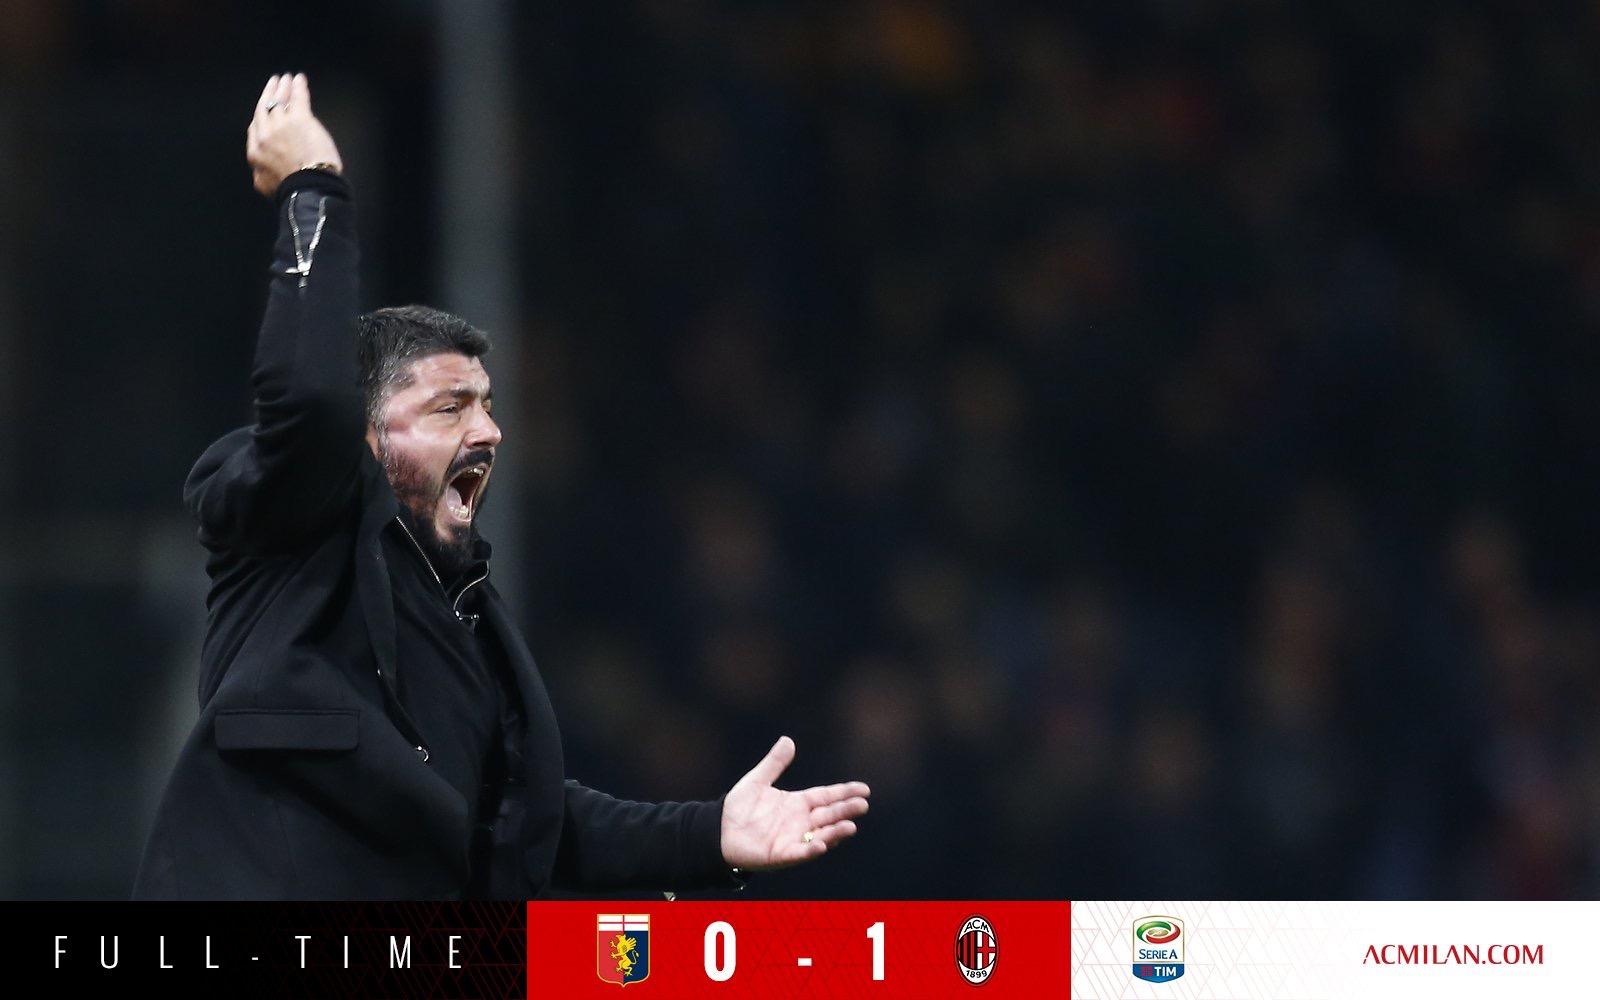 意甲-A席补时第4分钟绝杀 米兰1-0热那亚升至第6